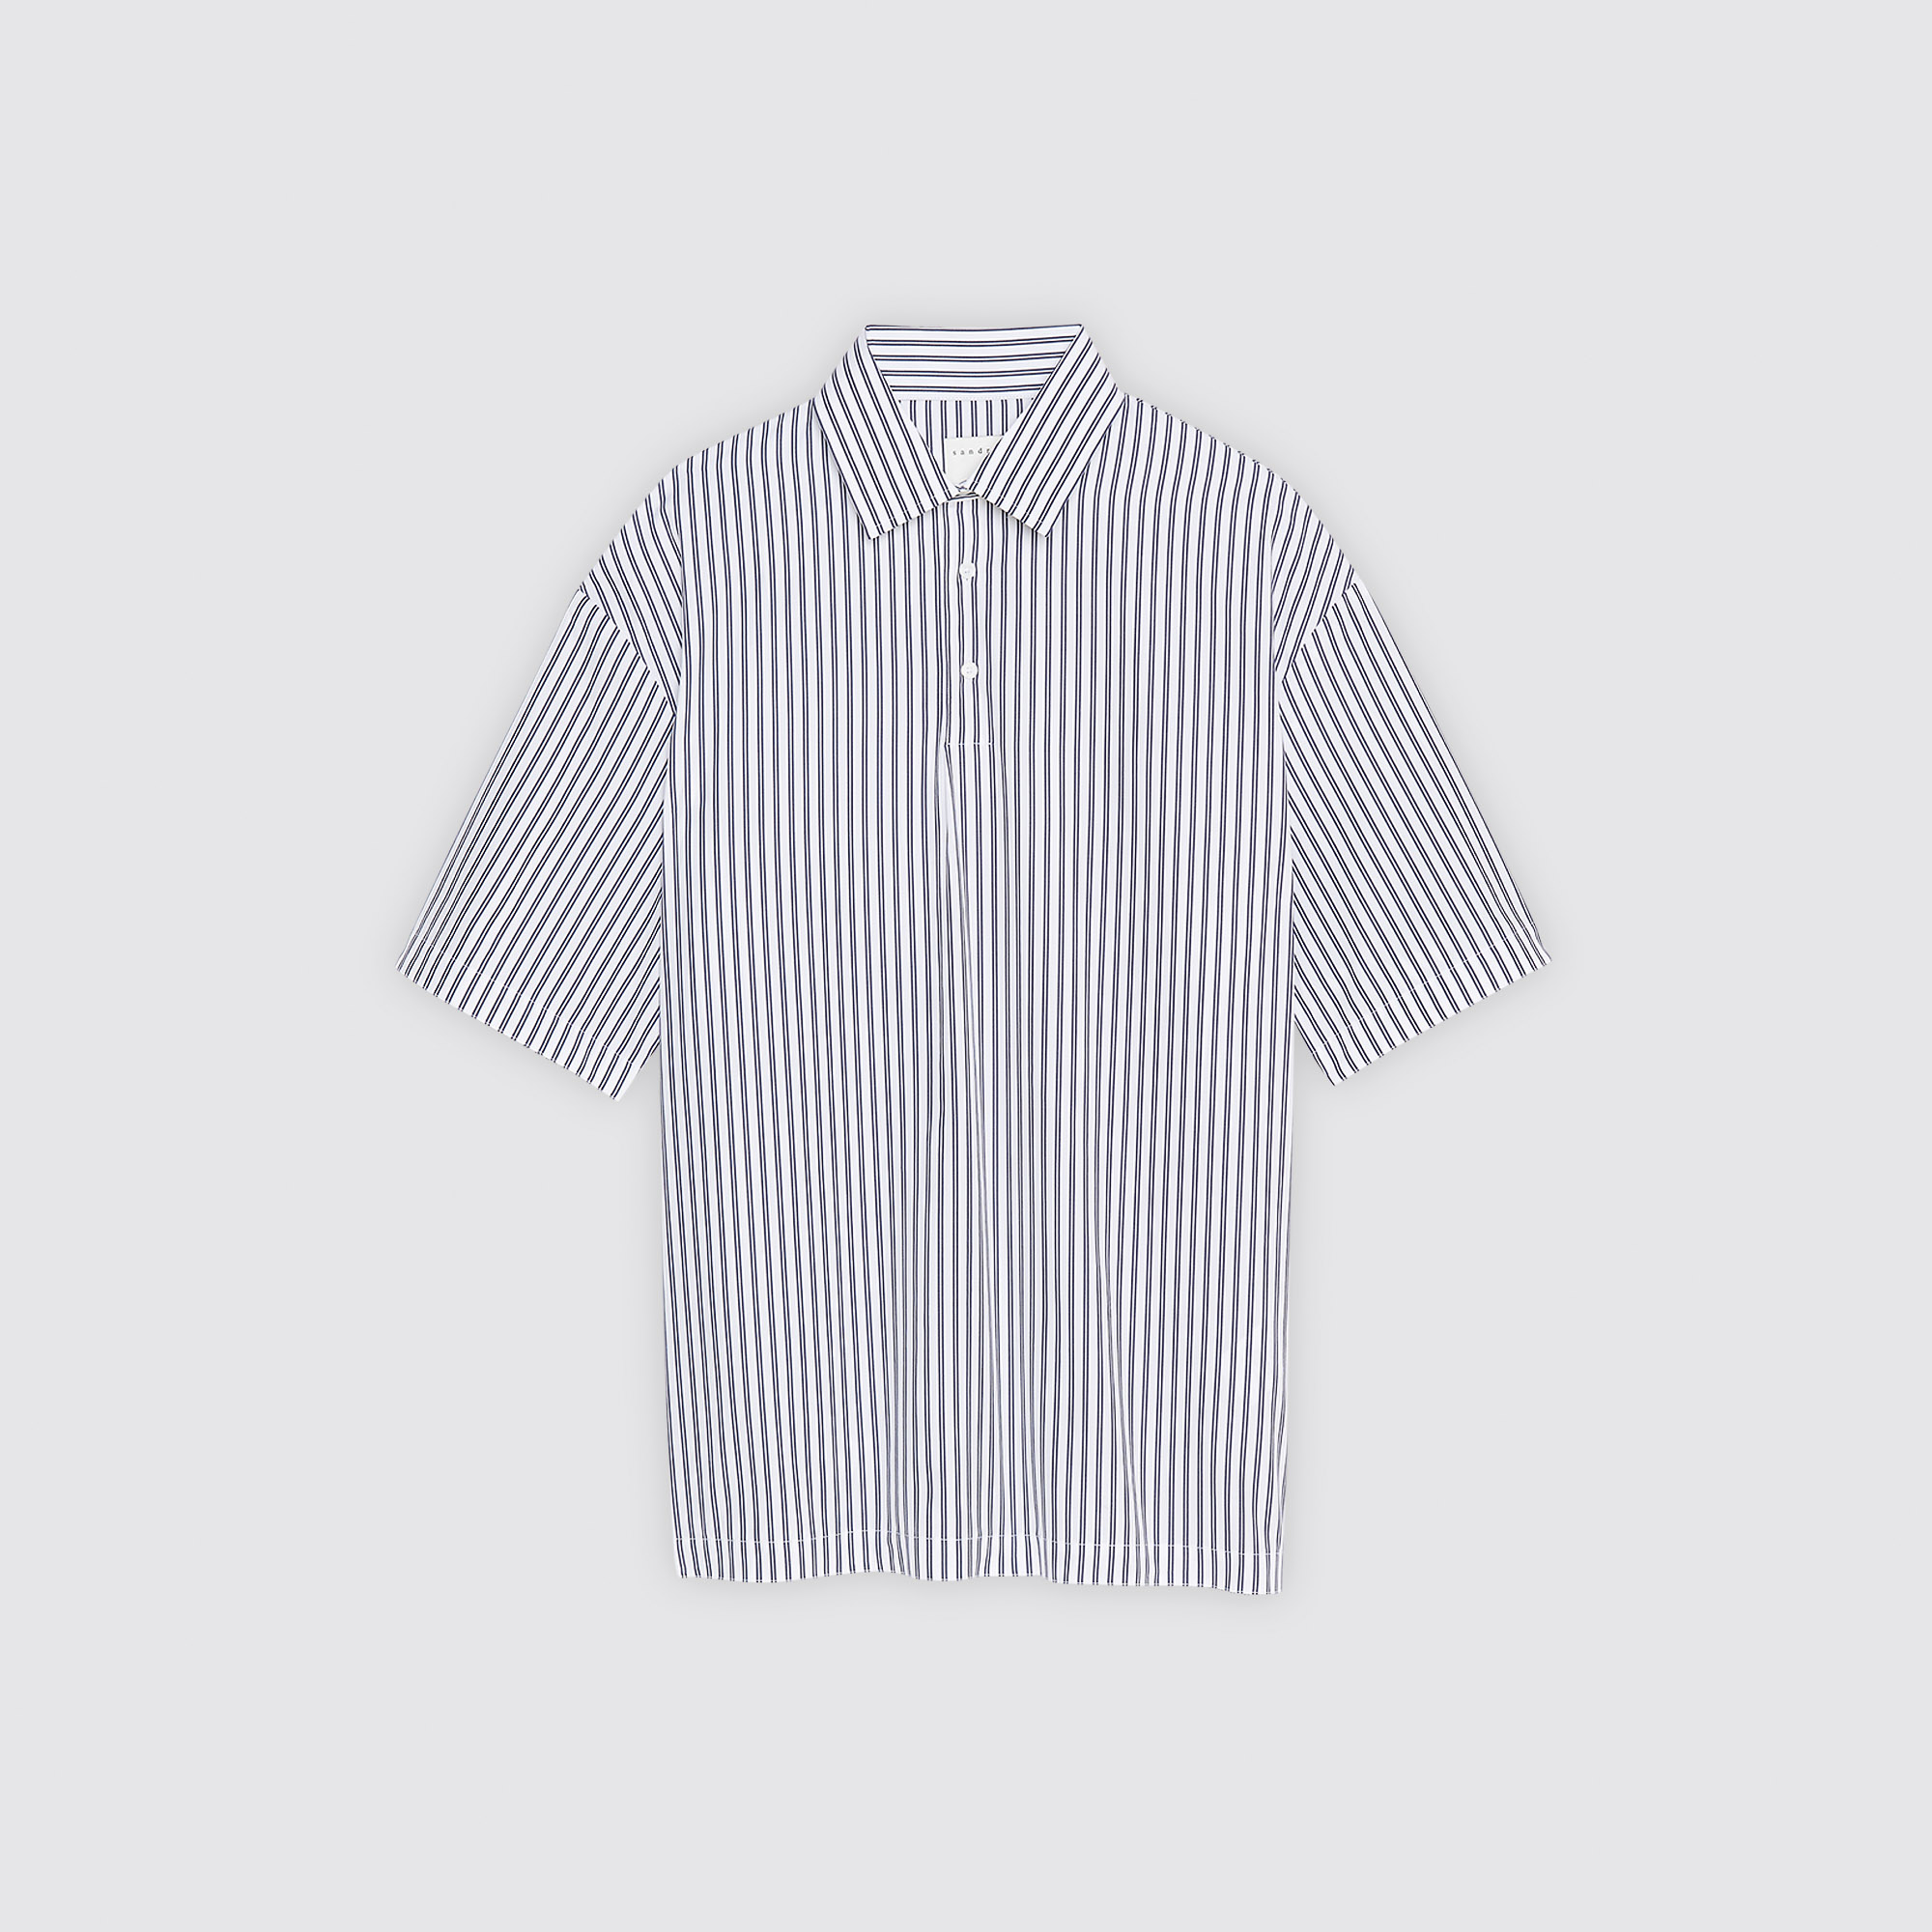 Camicia a maniche corte a righe : Collezione Estiva colore Bianco/Blu